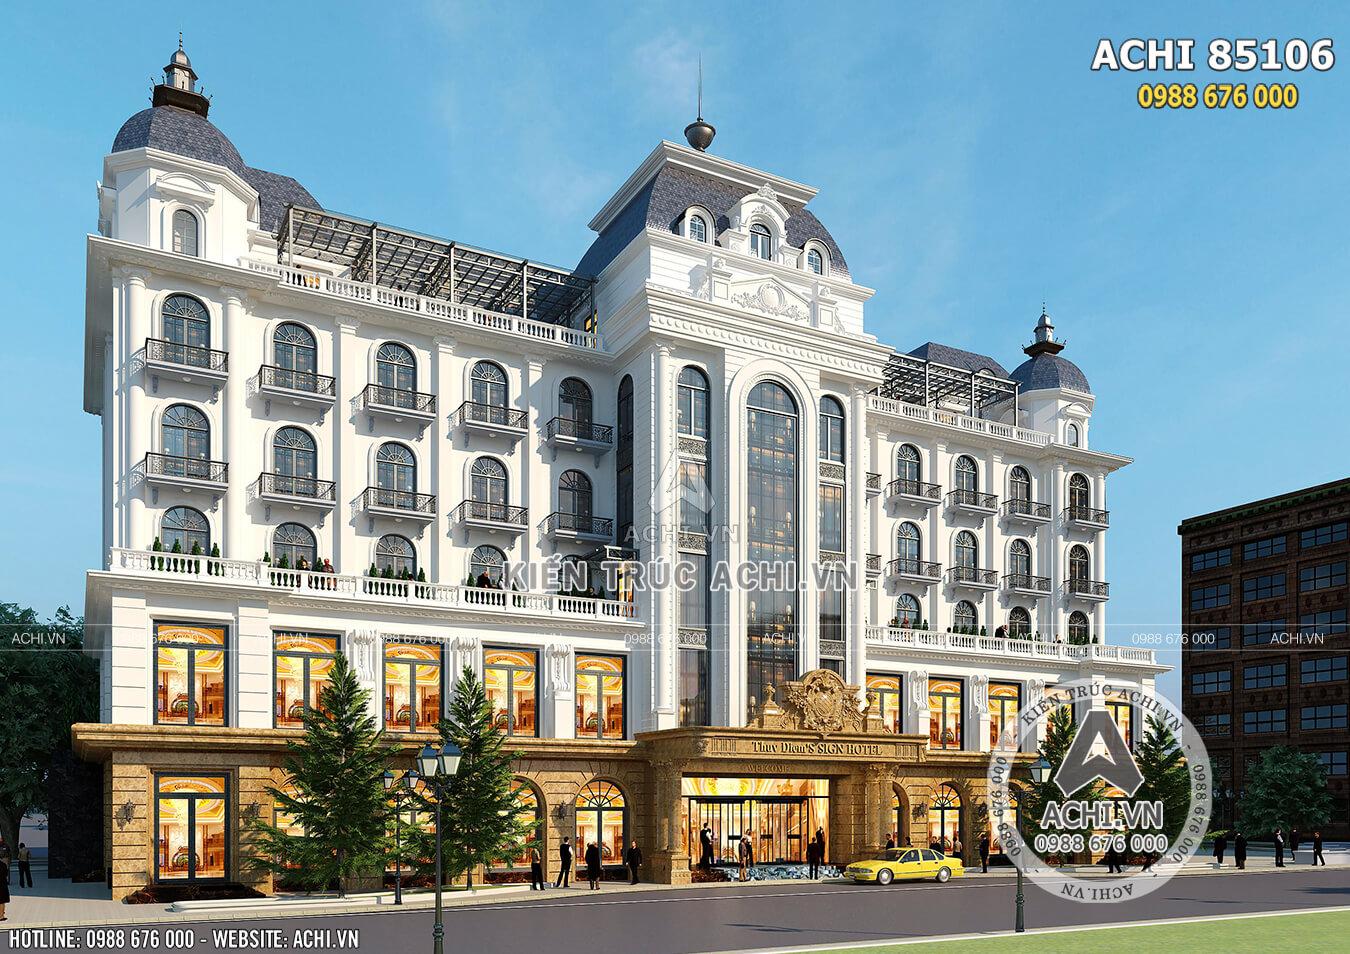 Phối cảnh 3D ngoại thất mẫu thiết kế khách sạn đẹp tiêu chuẩn 4,5 sao